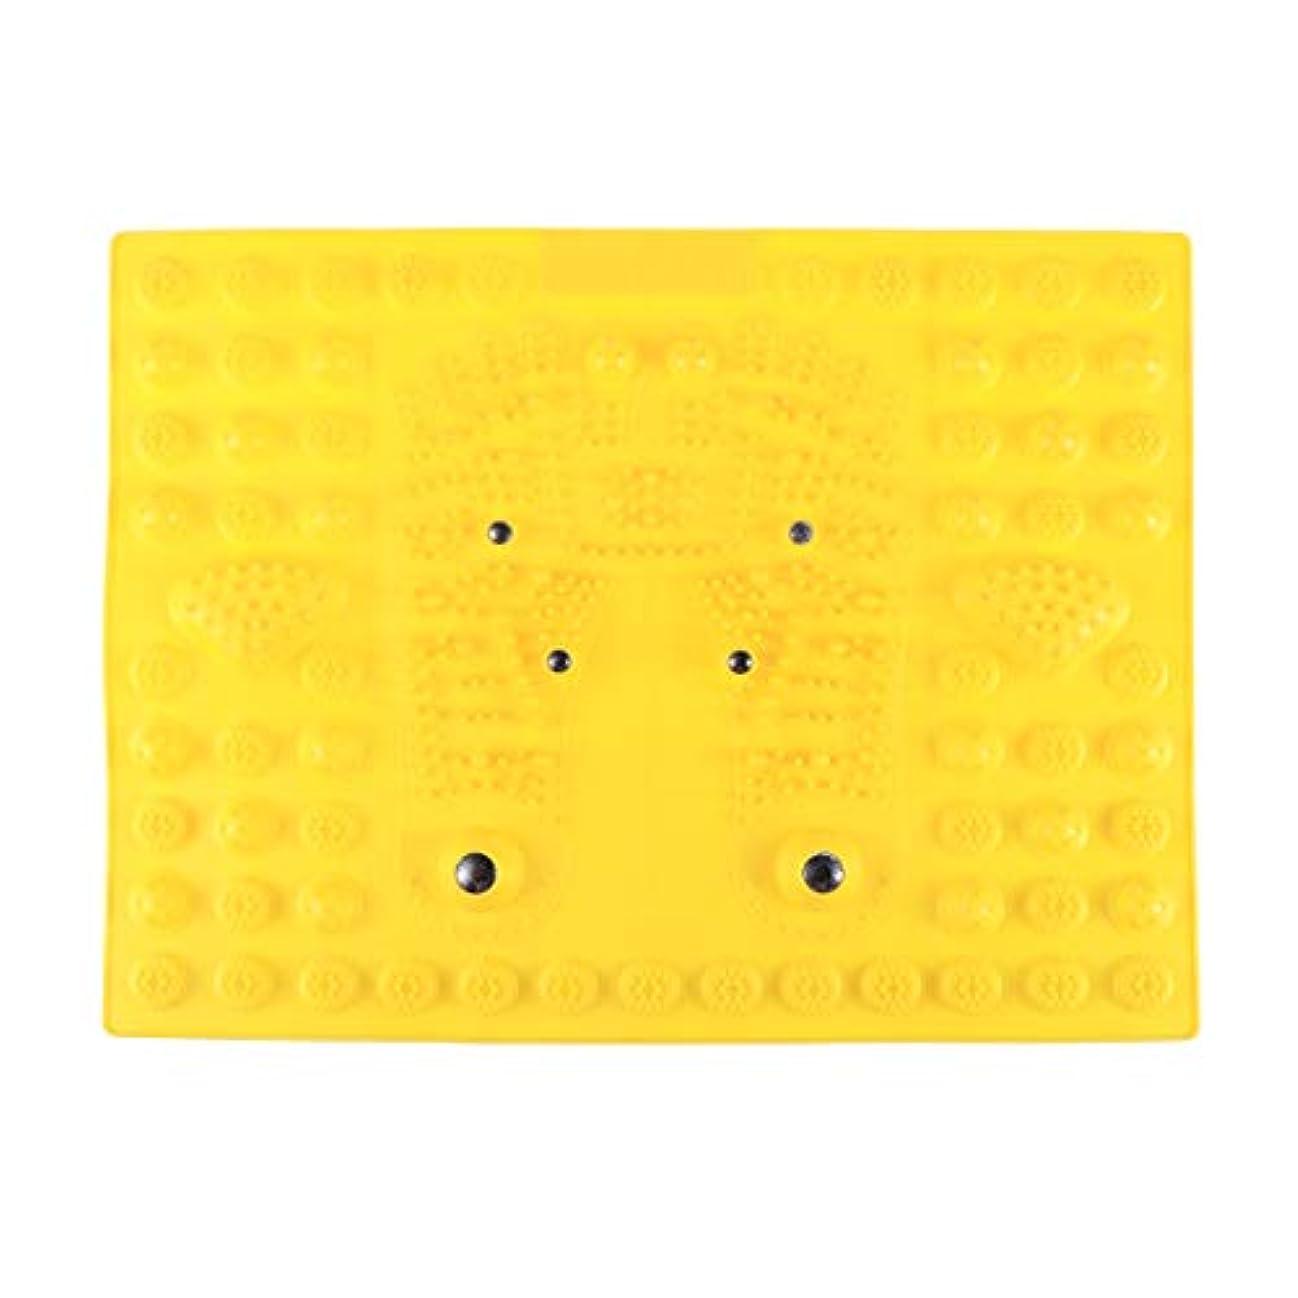 長方形ベットヒューズSUPVOX フットマッサージマット指圧リラクゼーションリフレクソロジーマット磁気療法フィートマット(イエロー)